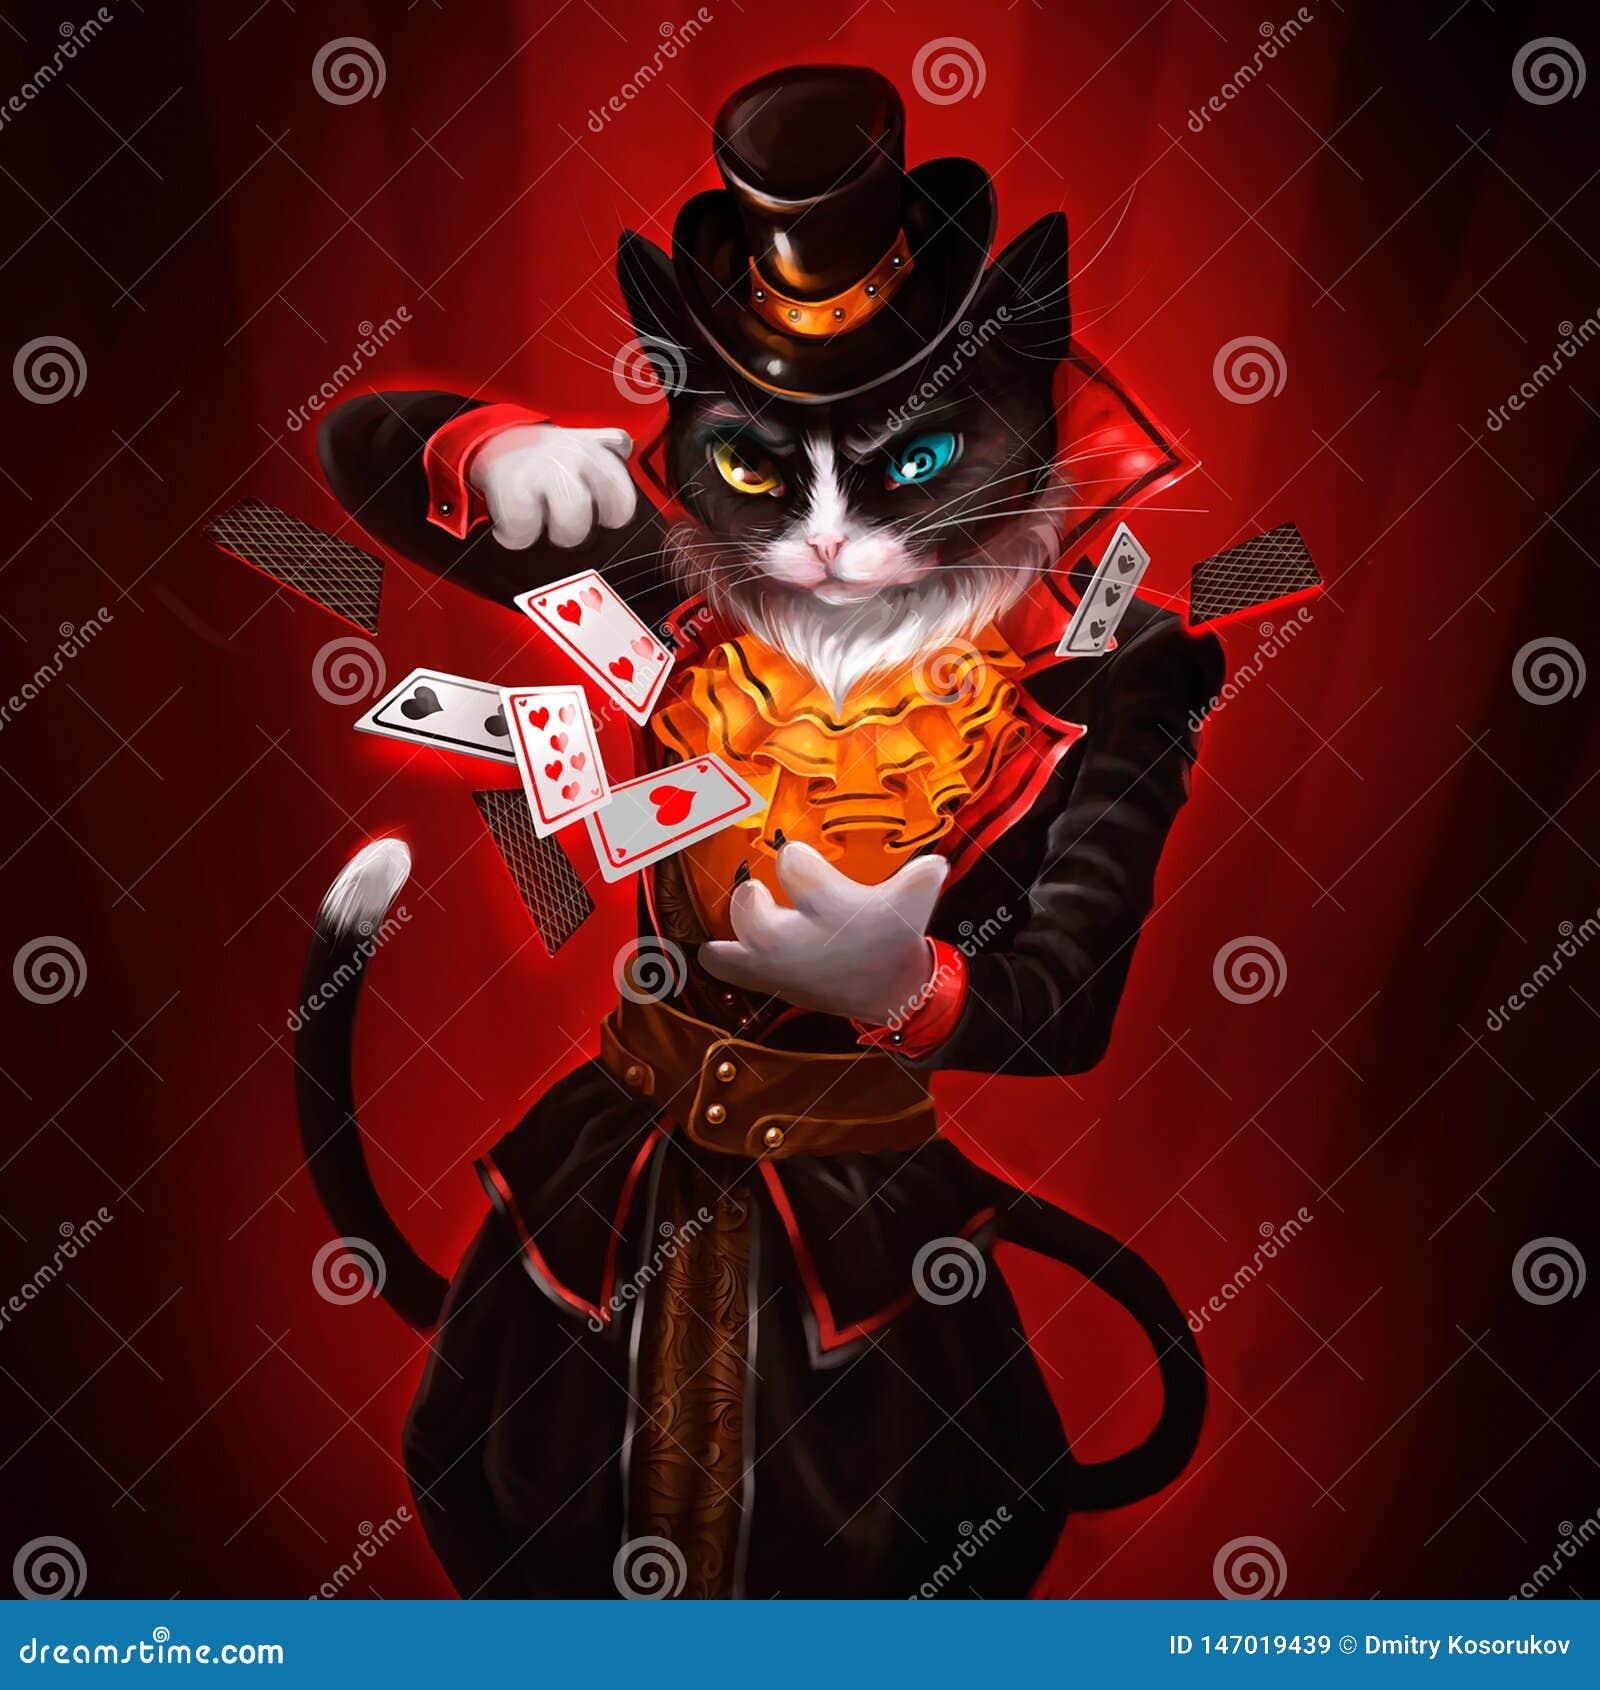 Illustratie van een kat met speelkaarten